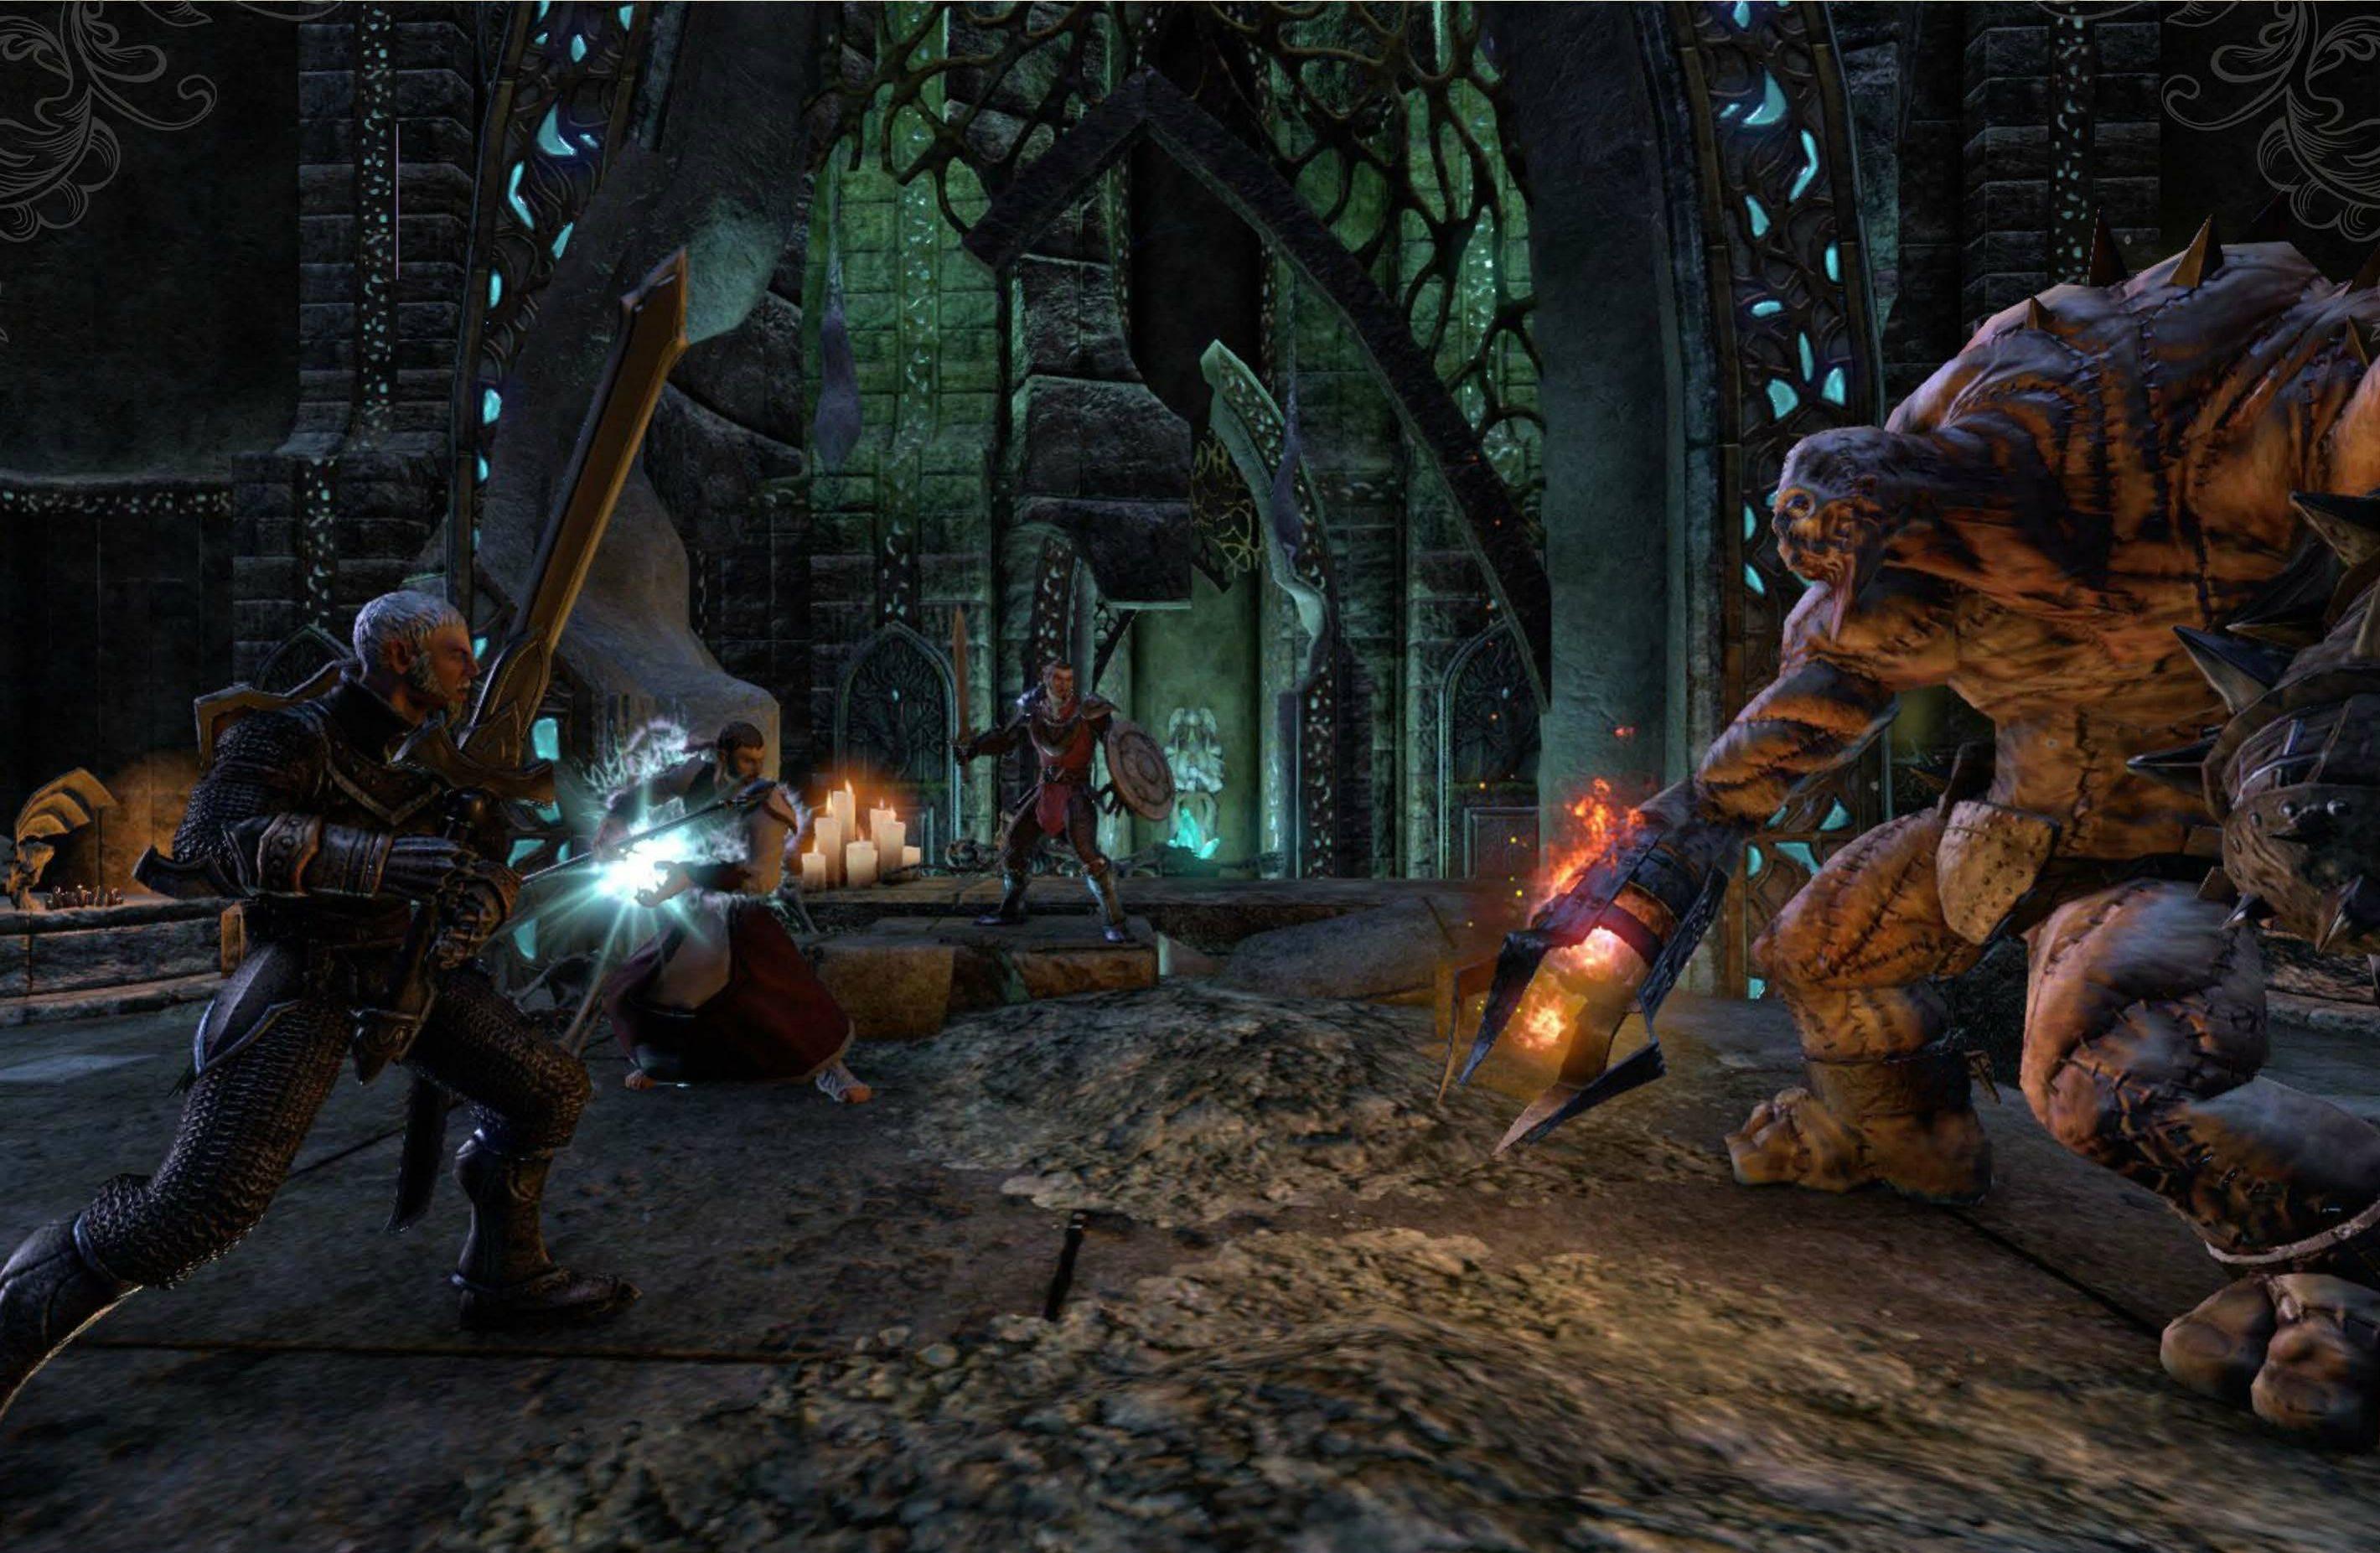 ElderScrolls-Online